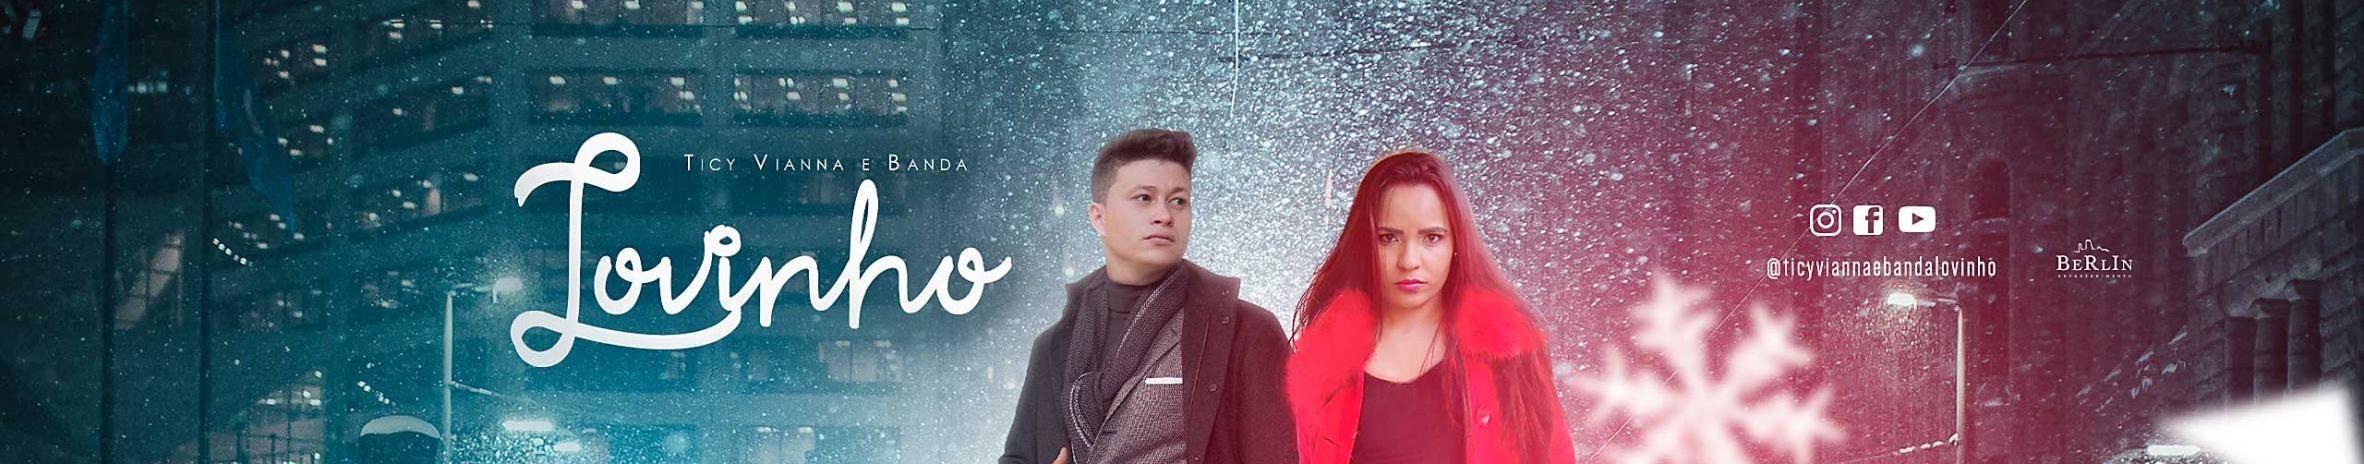 Imagem de capa de Ticy Vianna & Banda Lovinho